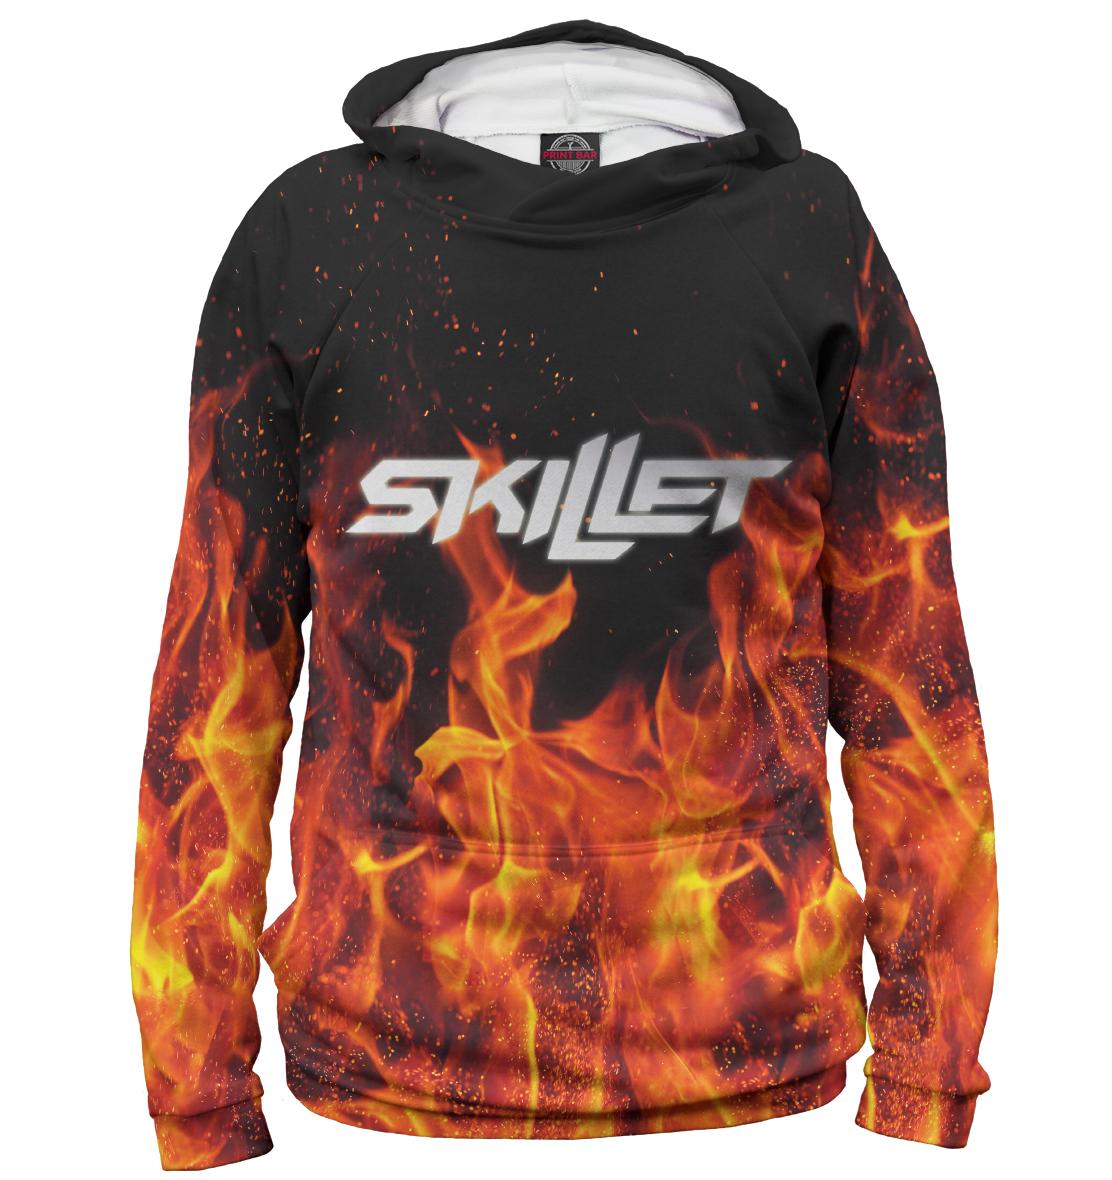 Купить Skillet, Printbar, Худи, SKL-240321-hud-1